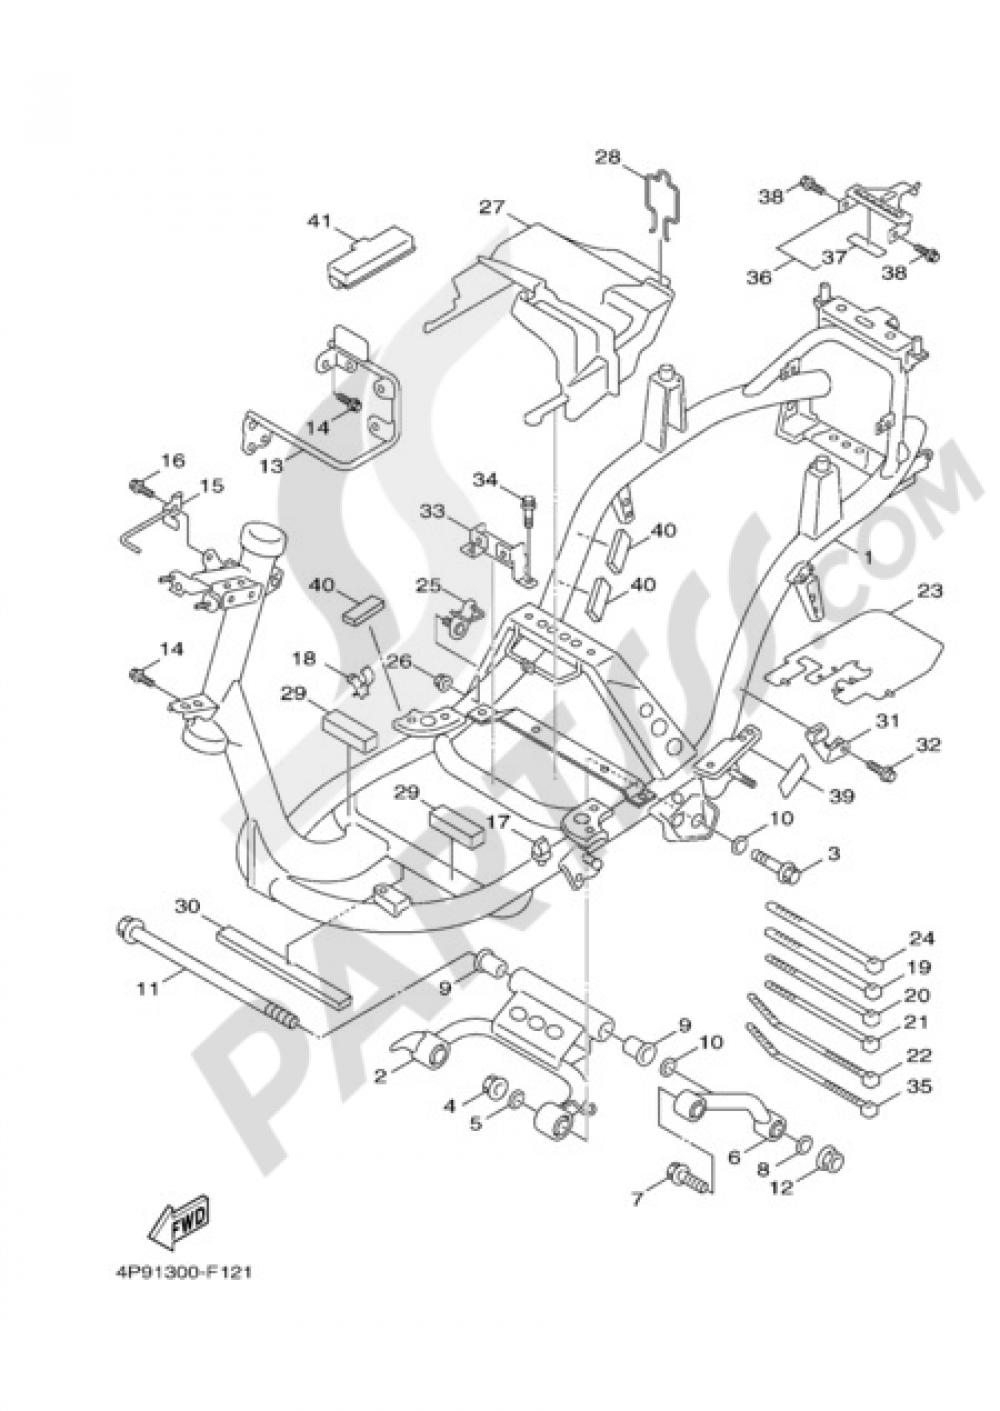 FRAME Yamaha Cygnus X 125 2009